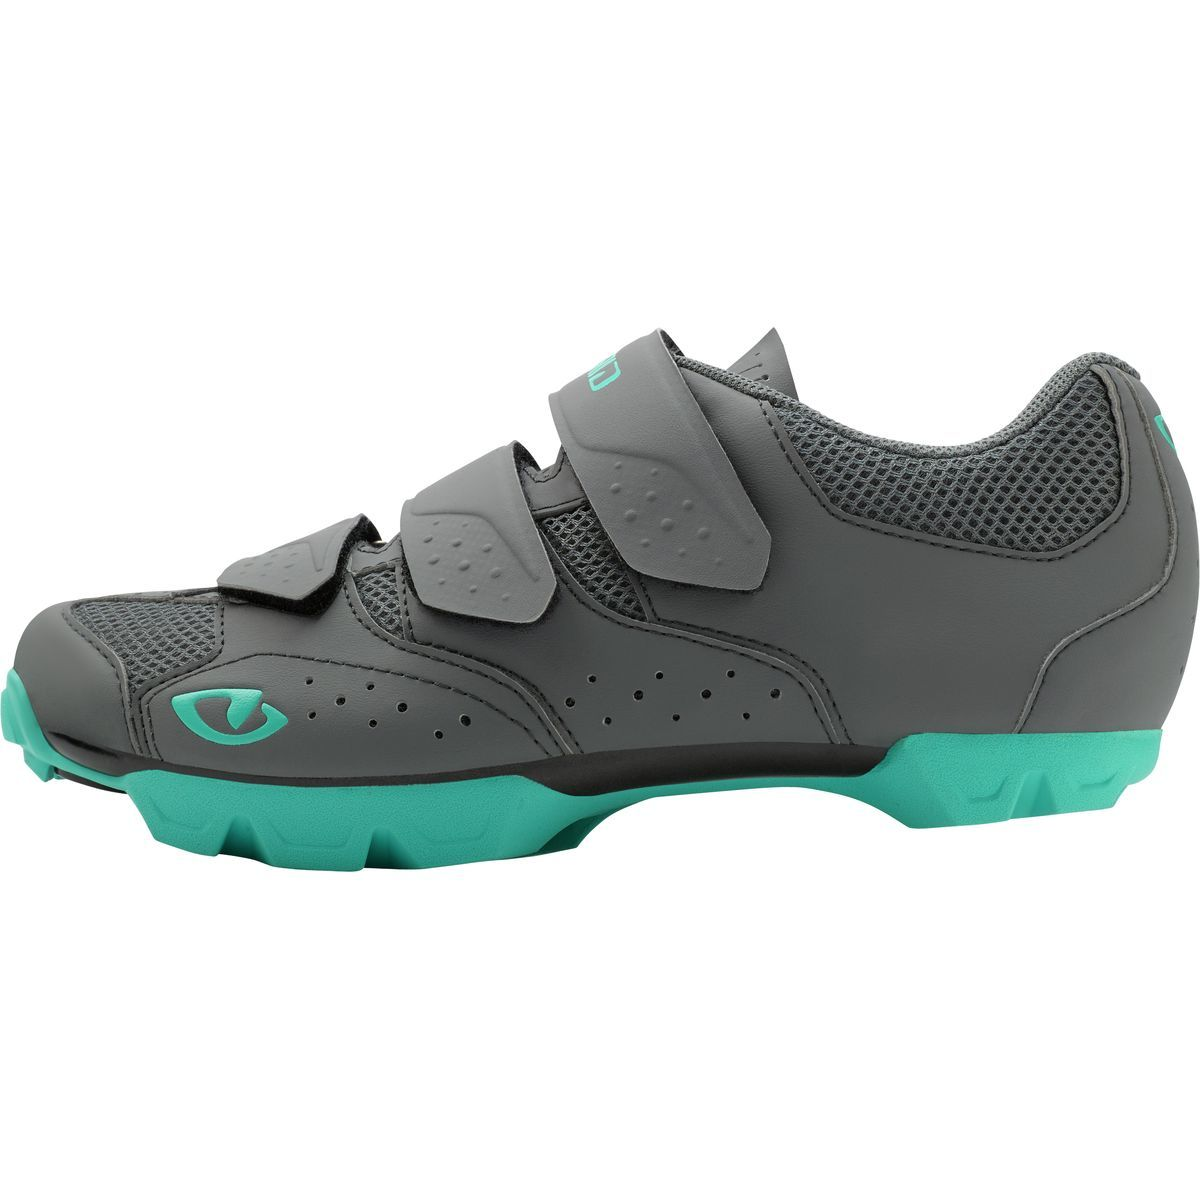 Giro Riela RII Cycling Shoe - Women's